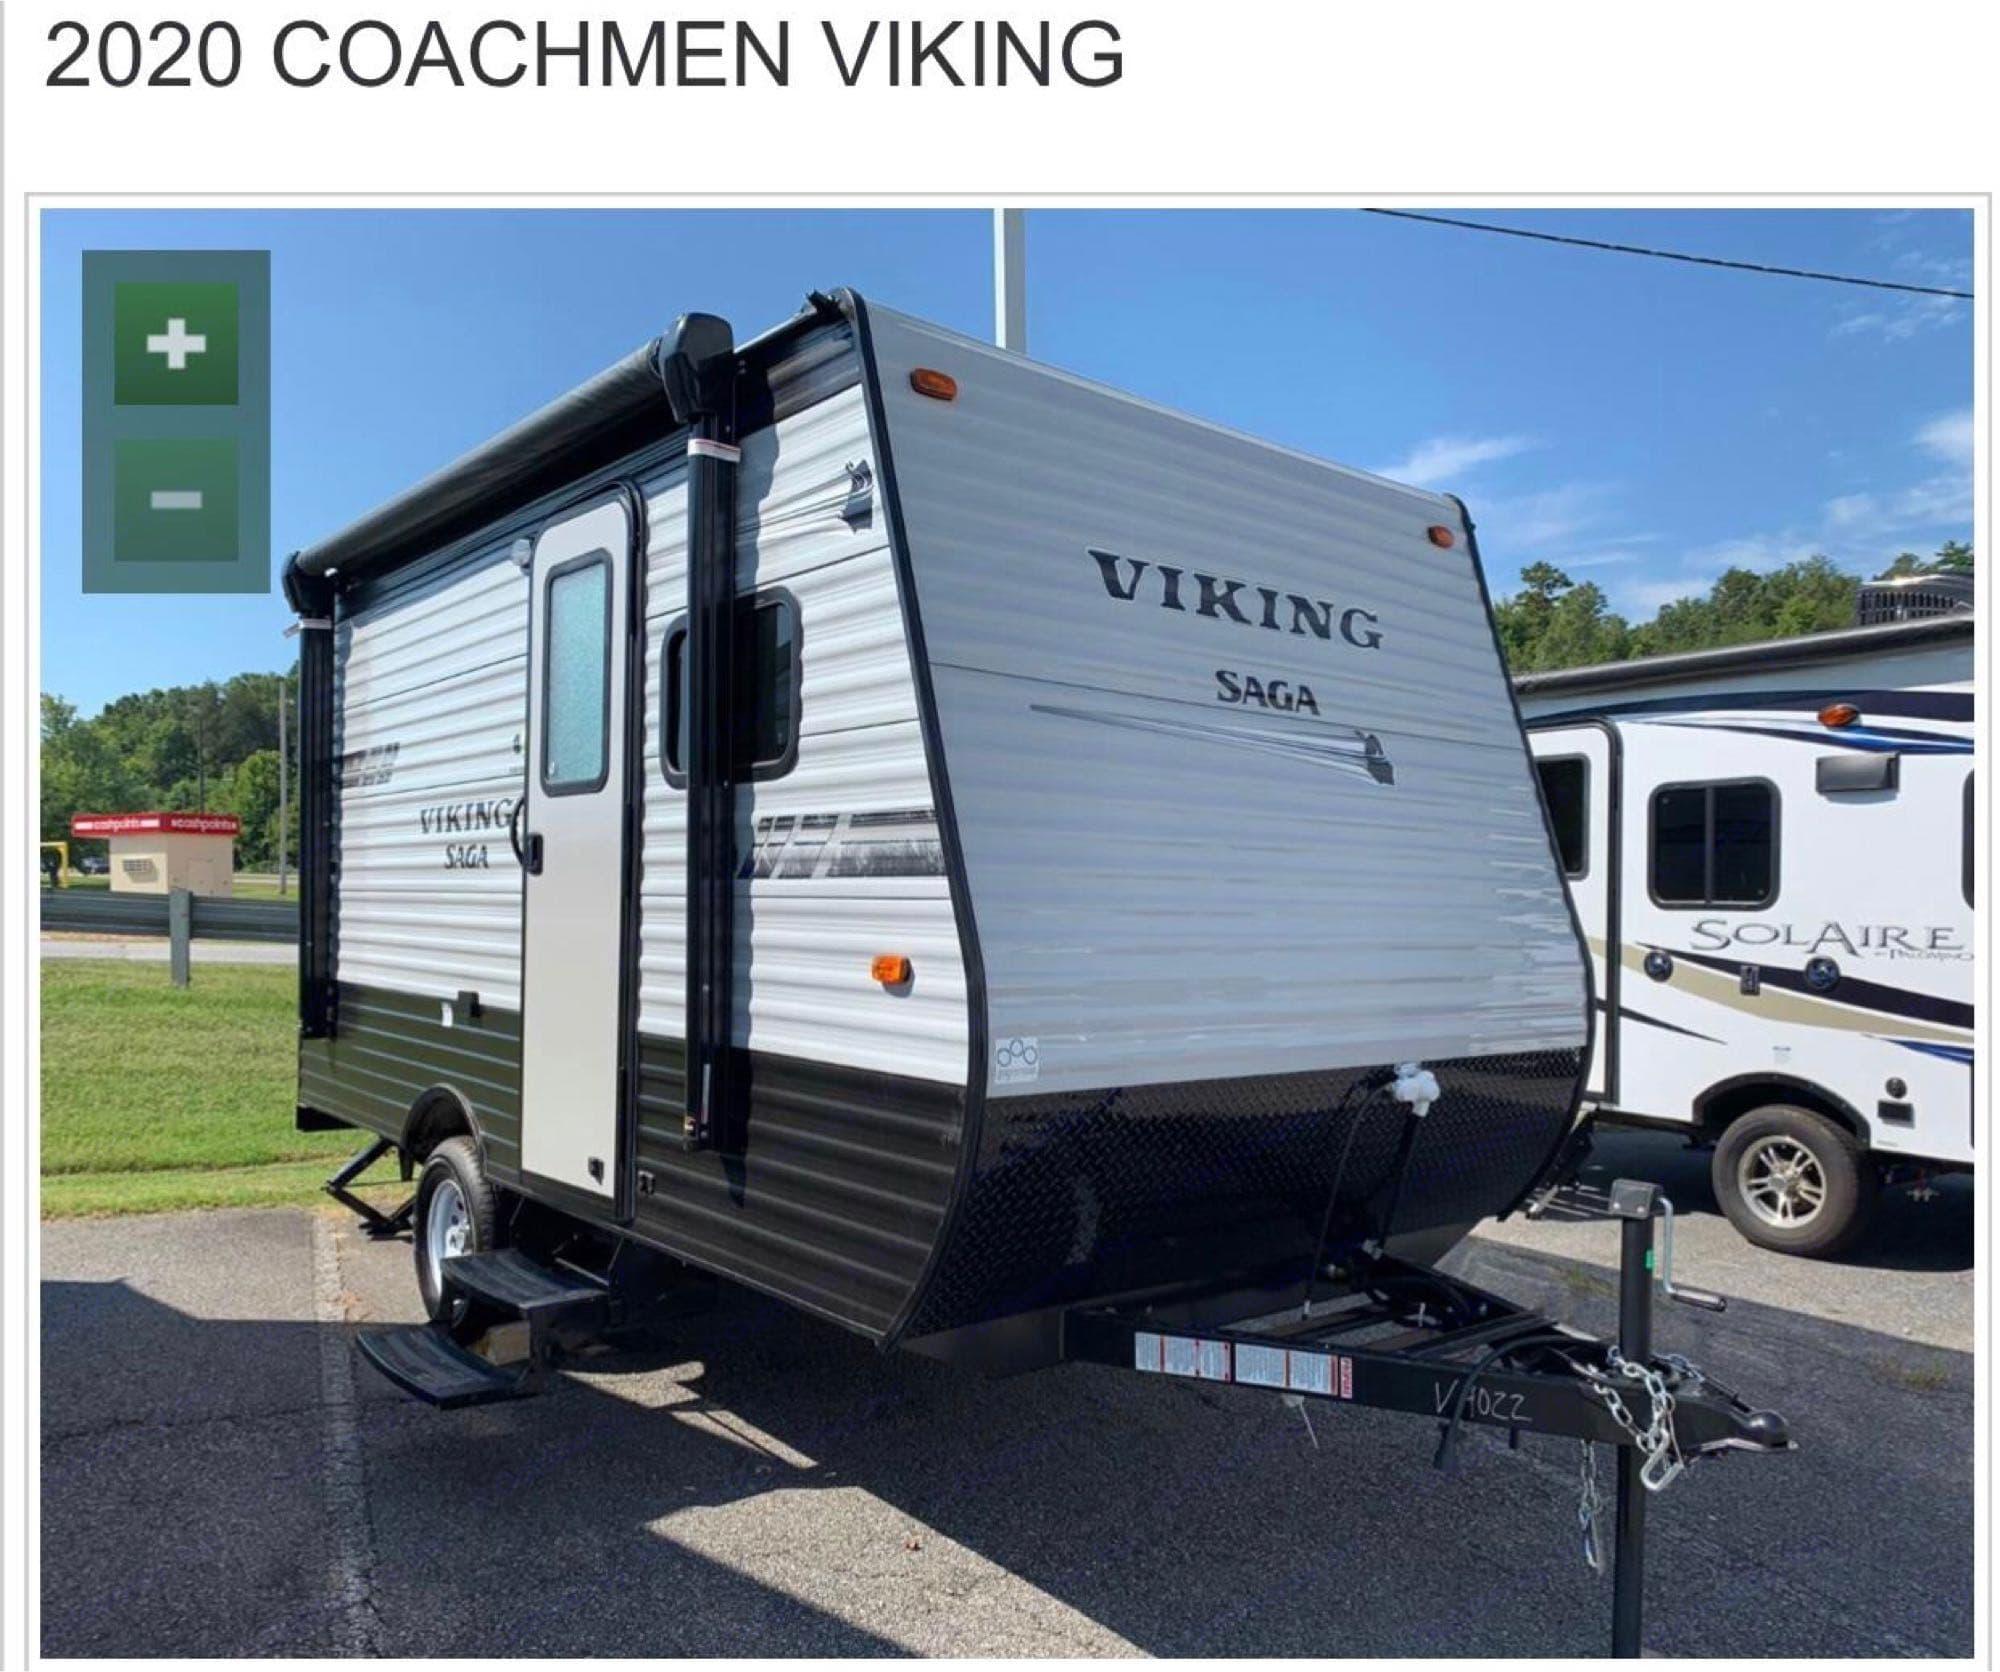 Coachmen Viking 2020